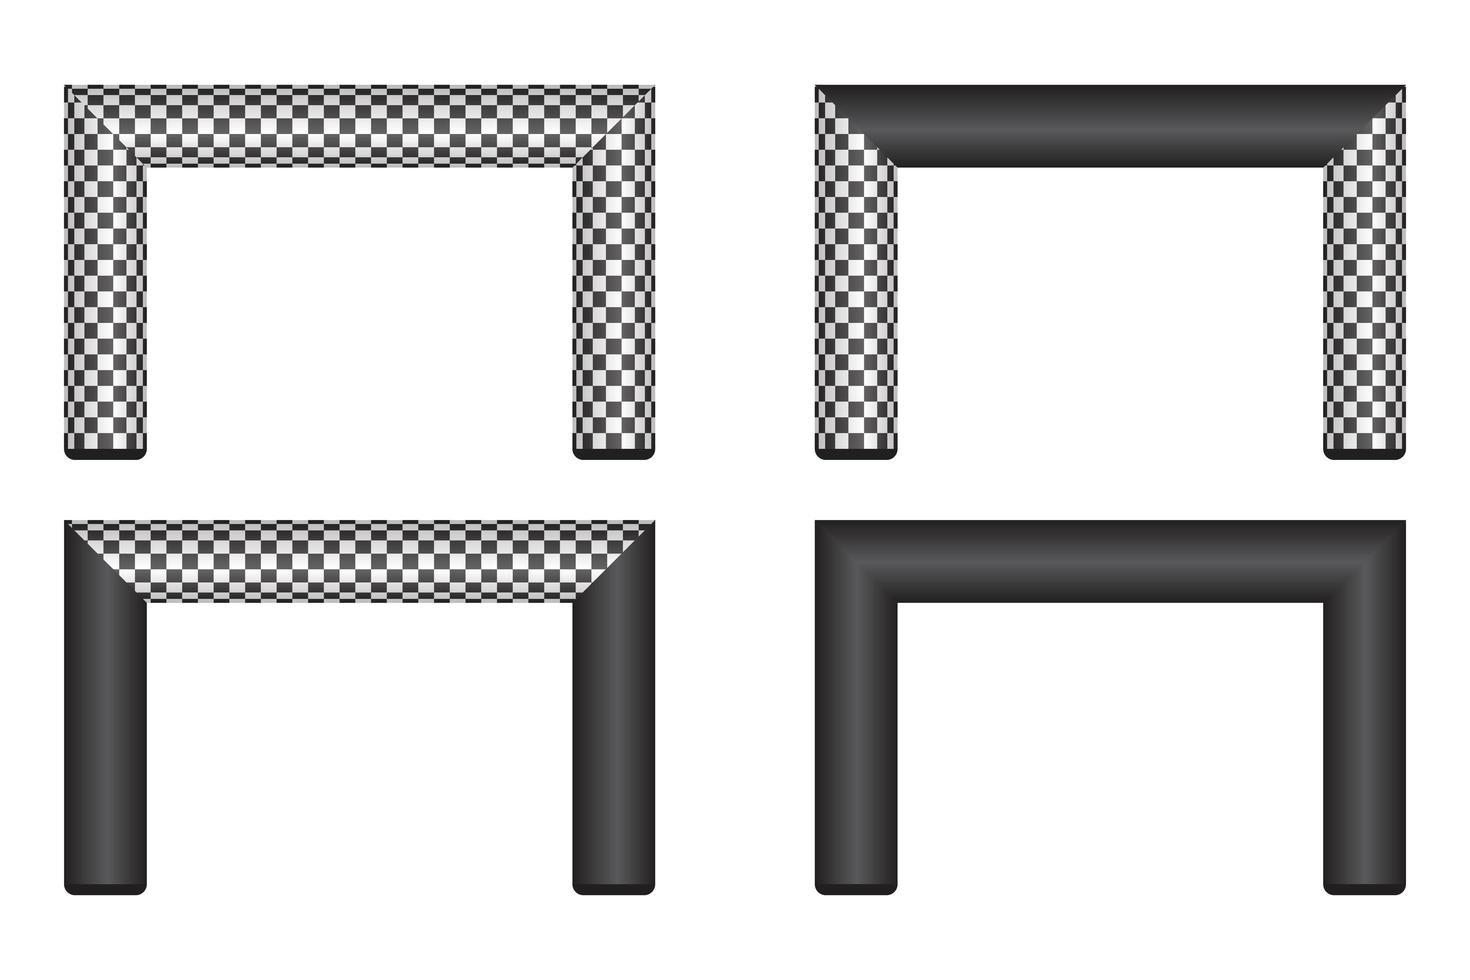 linha de chegada inflável com ângulo de 90 graus vetor